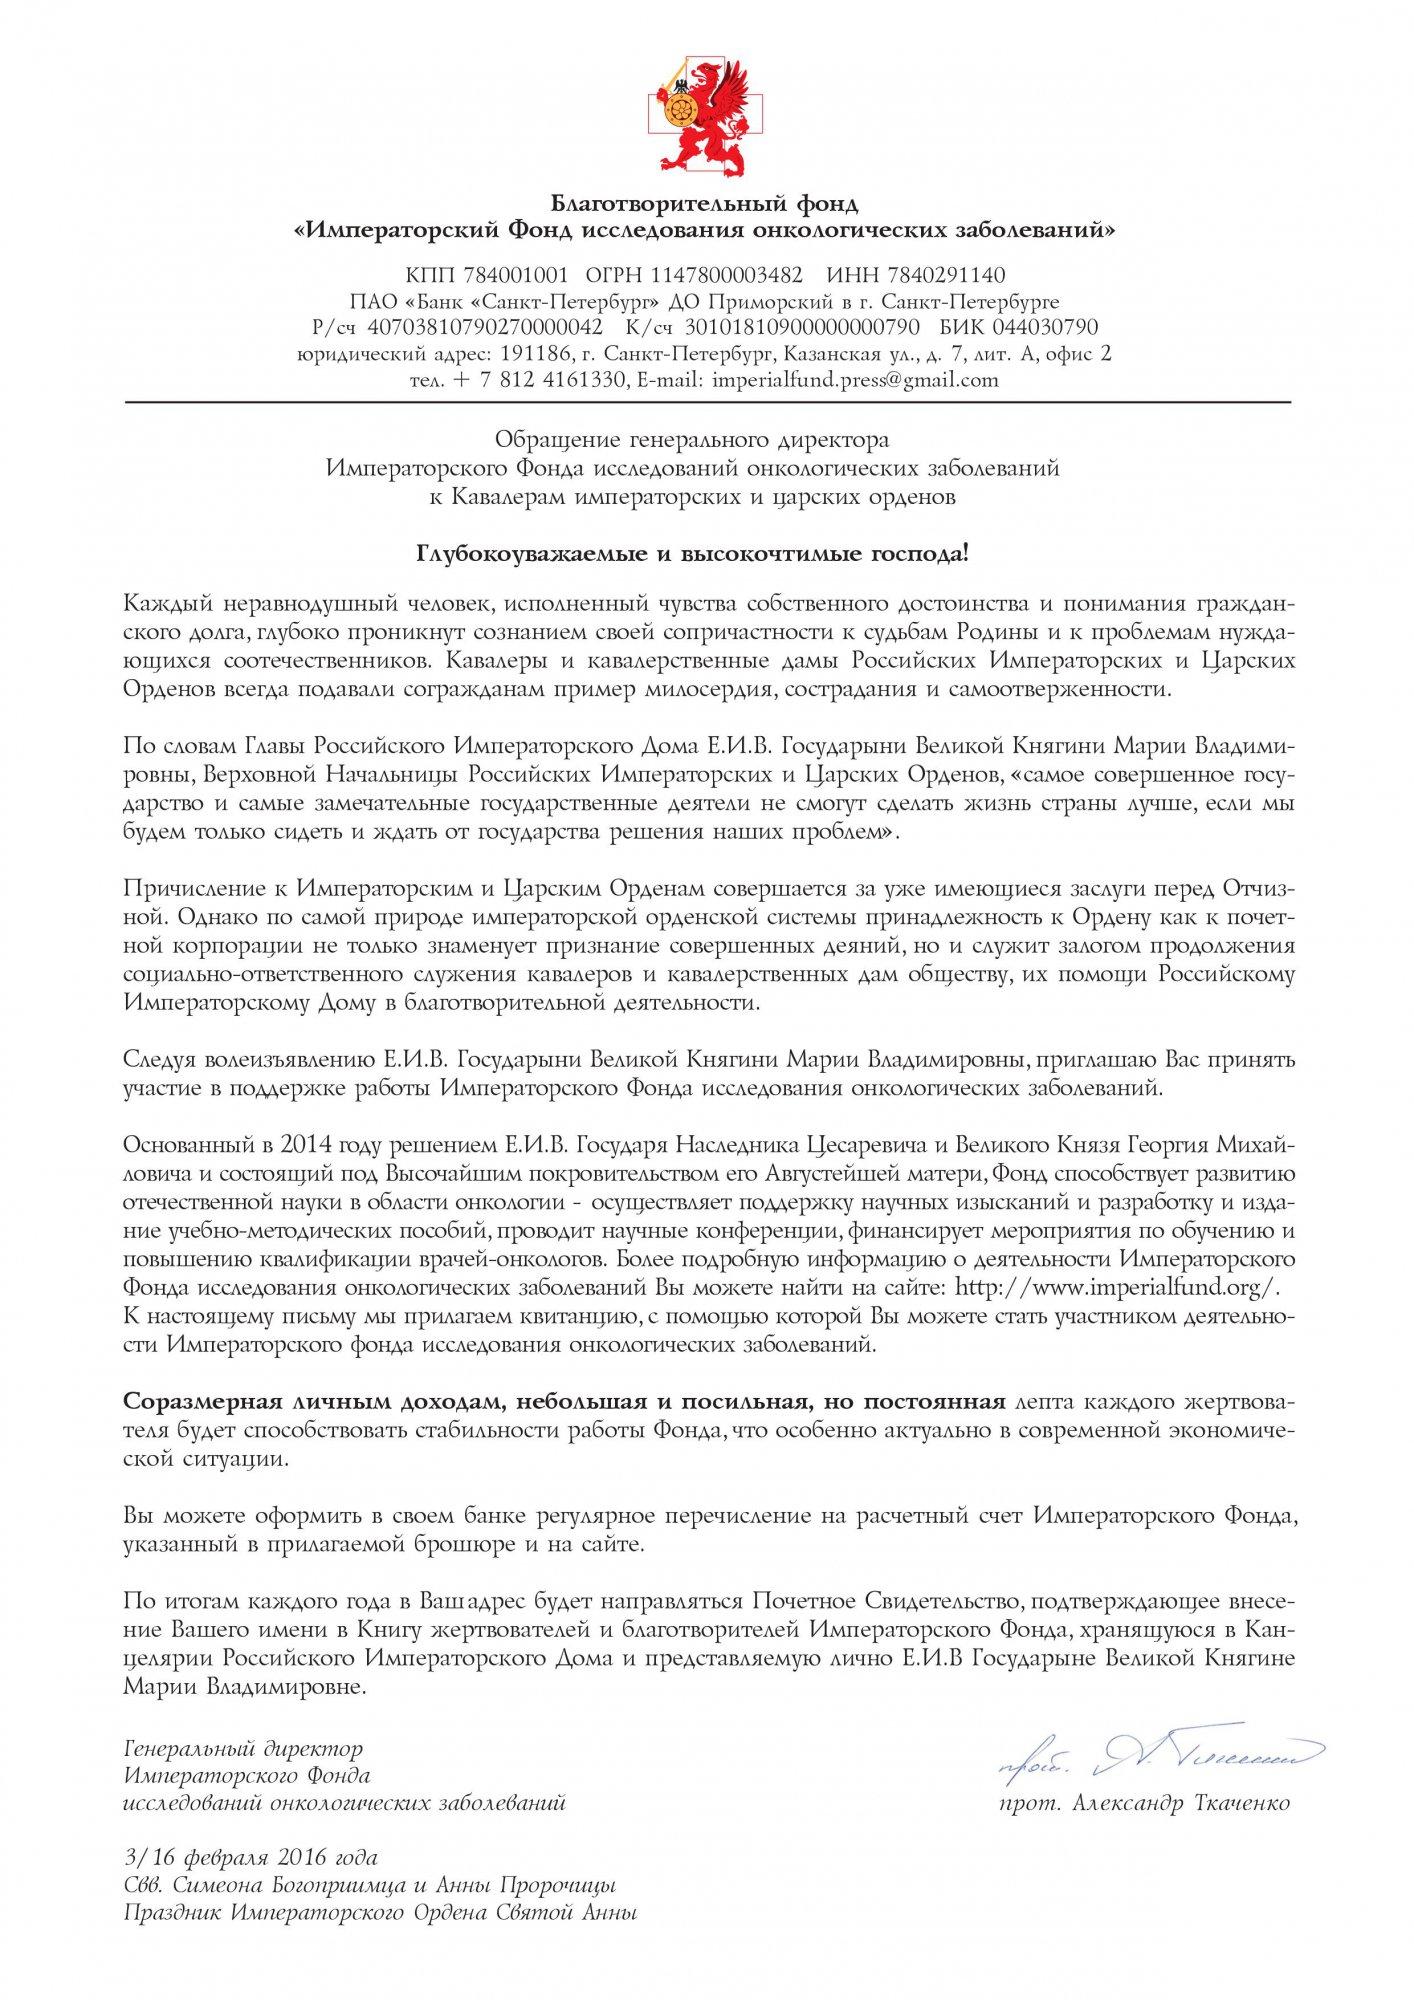 Обращение генерального директора Императорского фонда исследования онкологических заболеваний к Кавалерам императорских и царских орденов